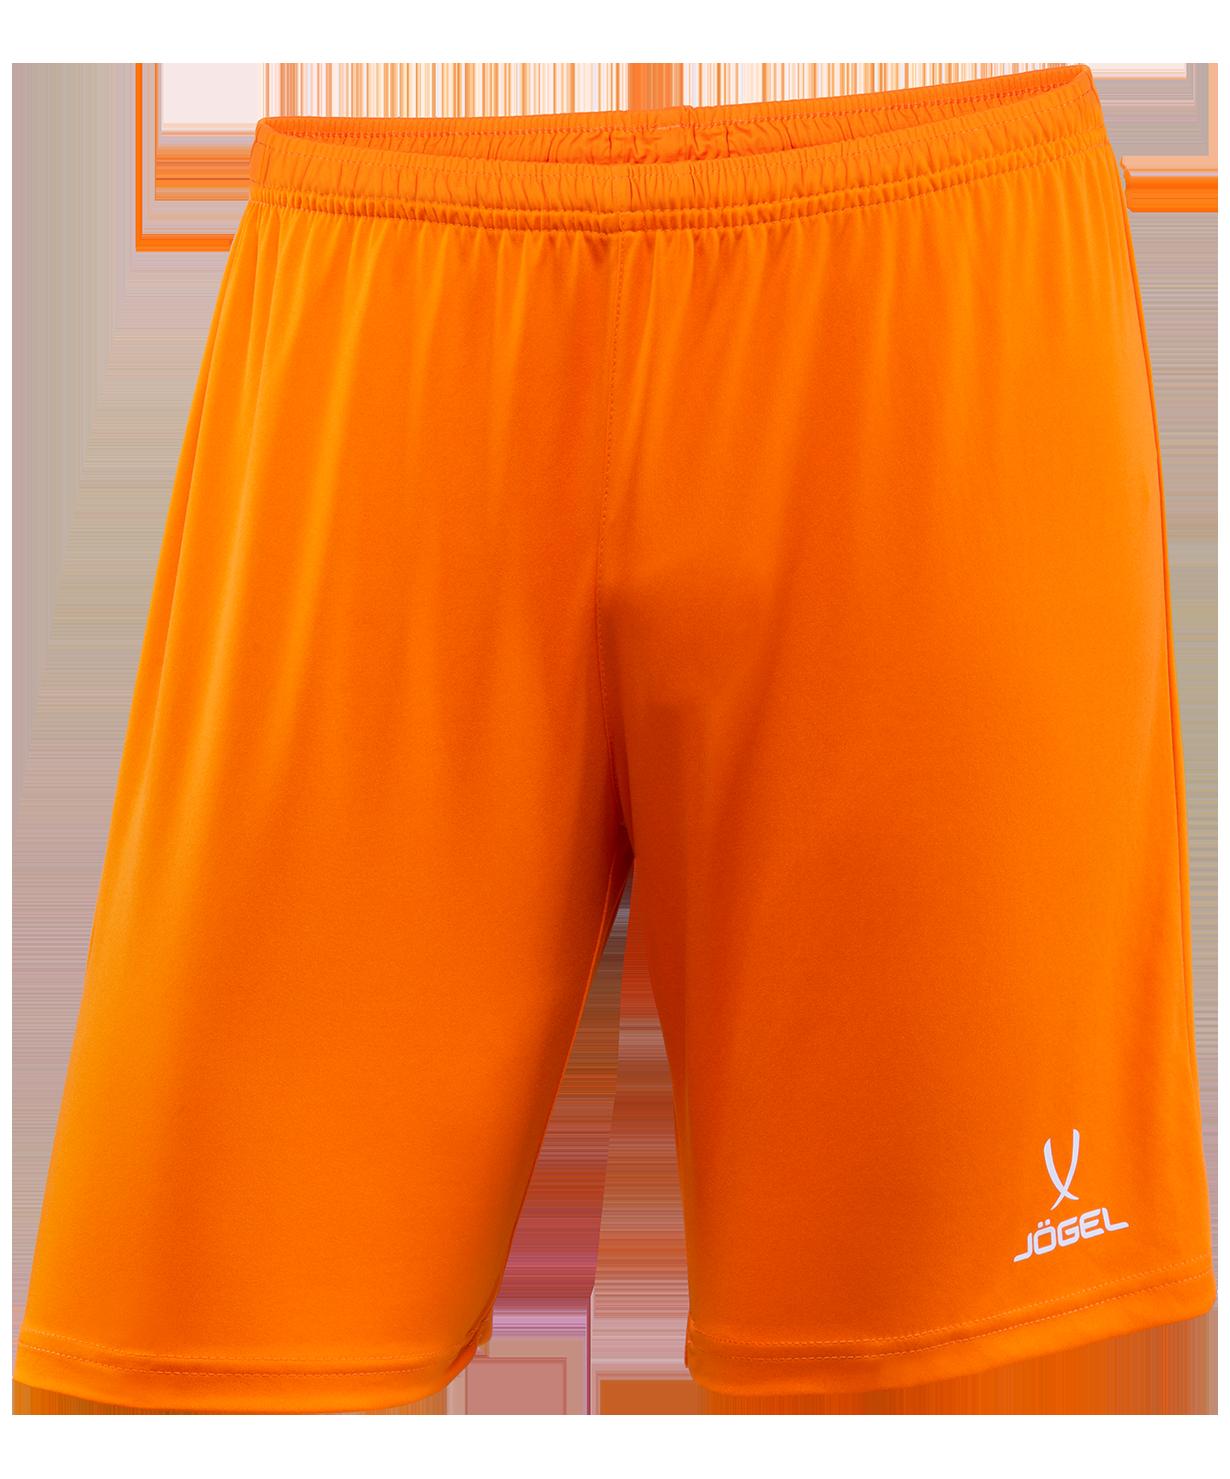 Купить Шорты футбольные детские Jögel CAMP JFS-1120-O1-K оранжевый/белый, р. 122, Jogel,